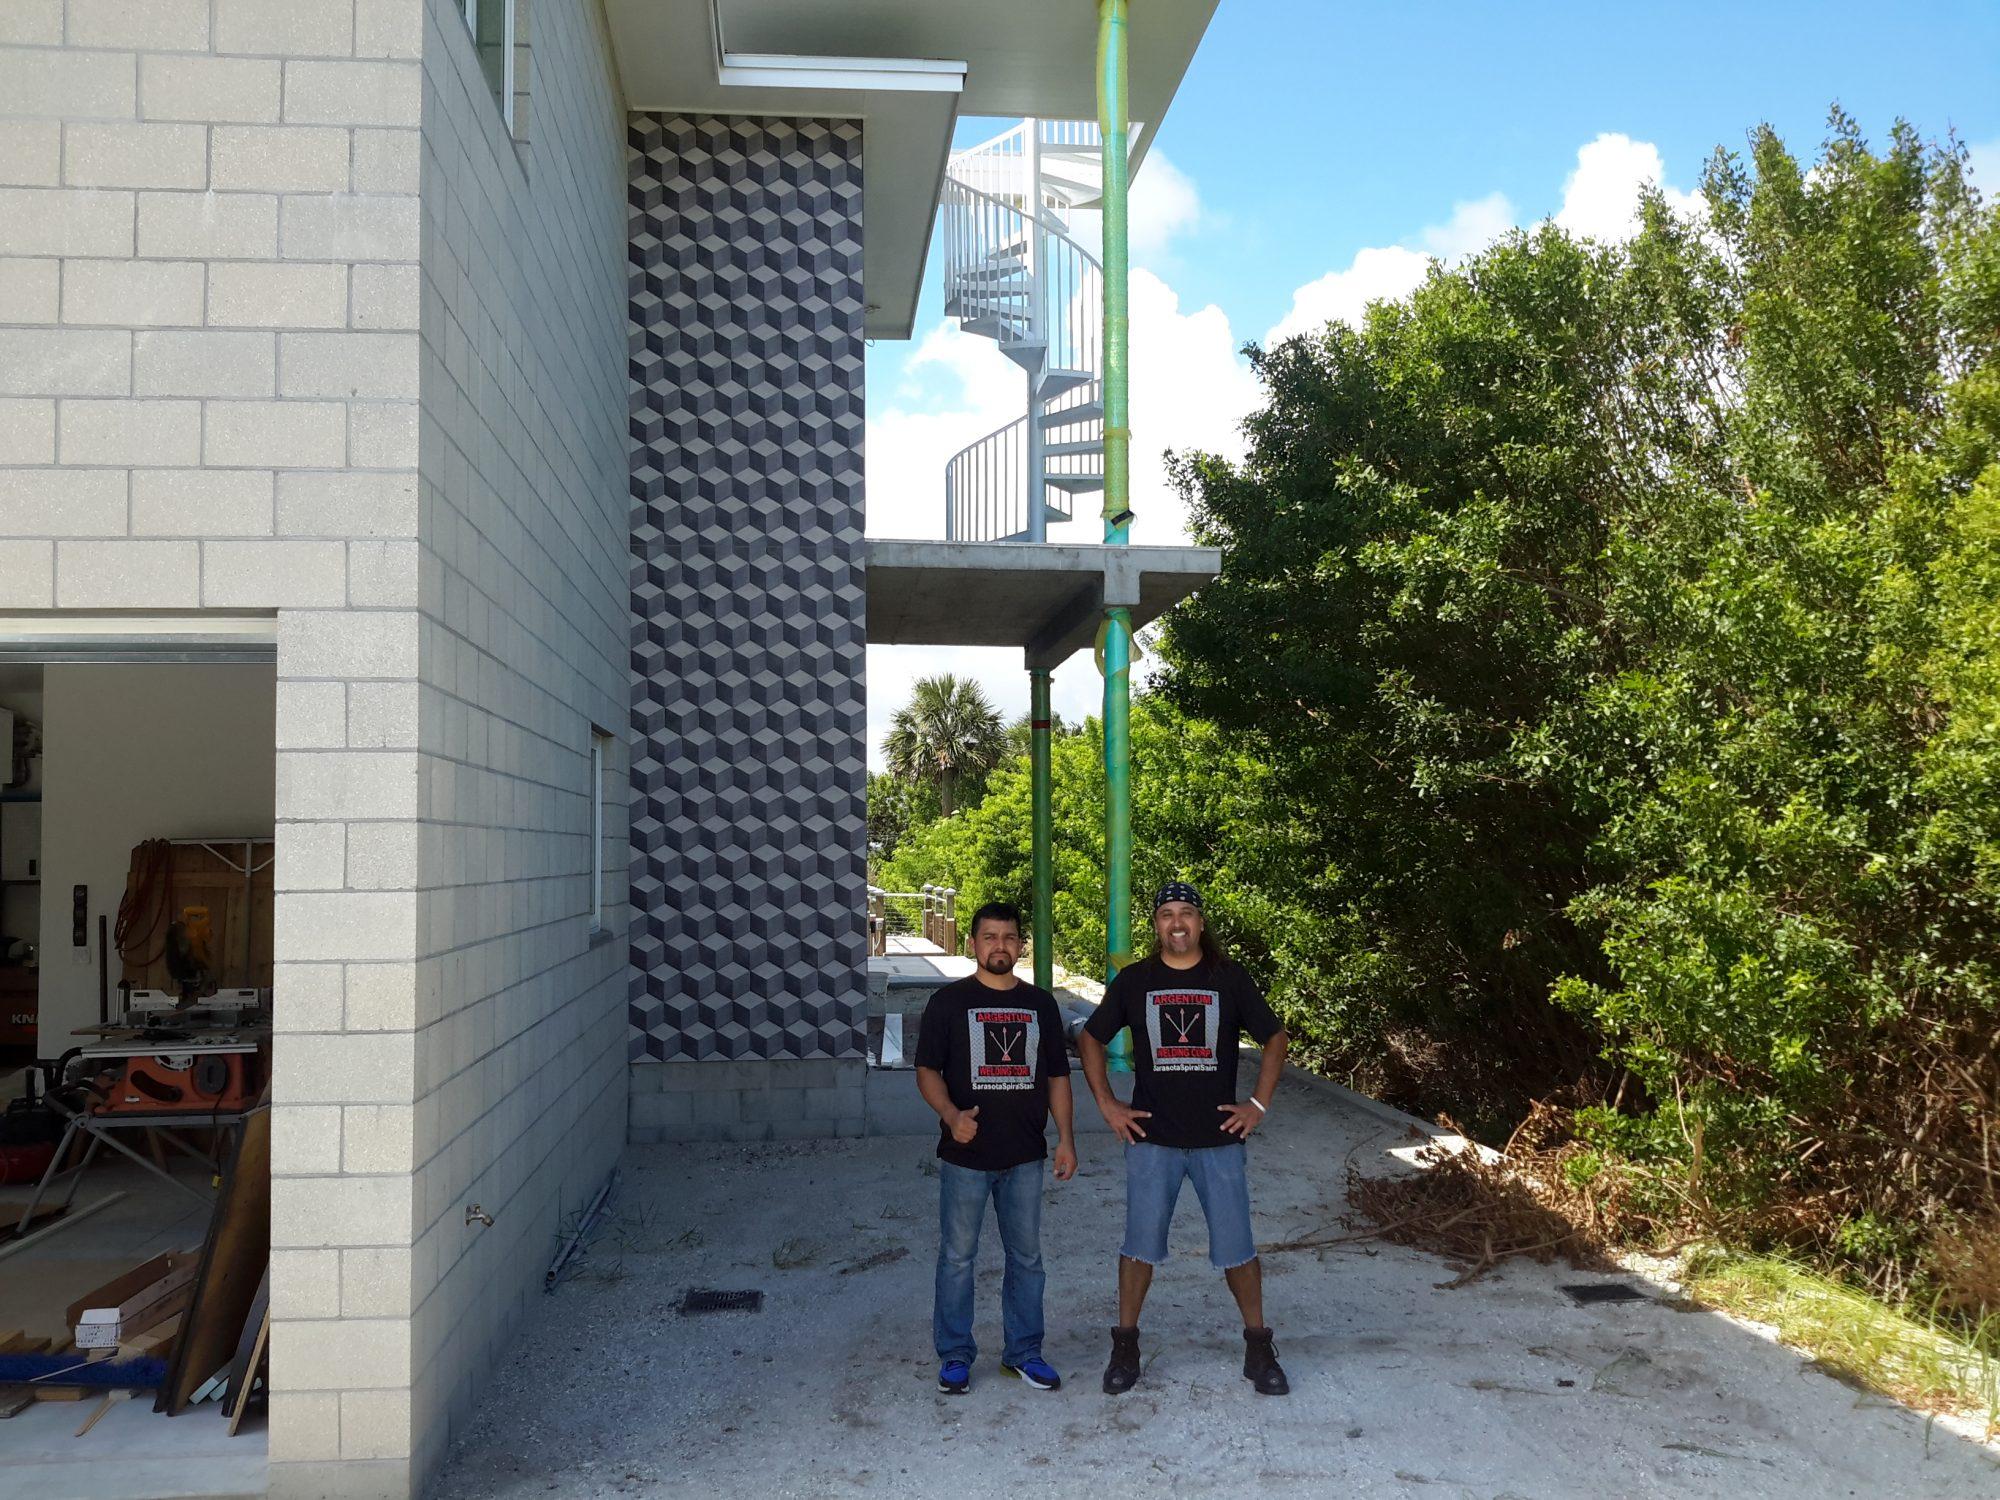 Argentum Welding - New Smyrna Beach installation